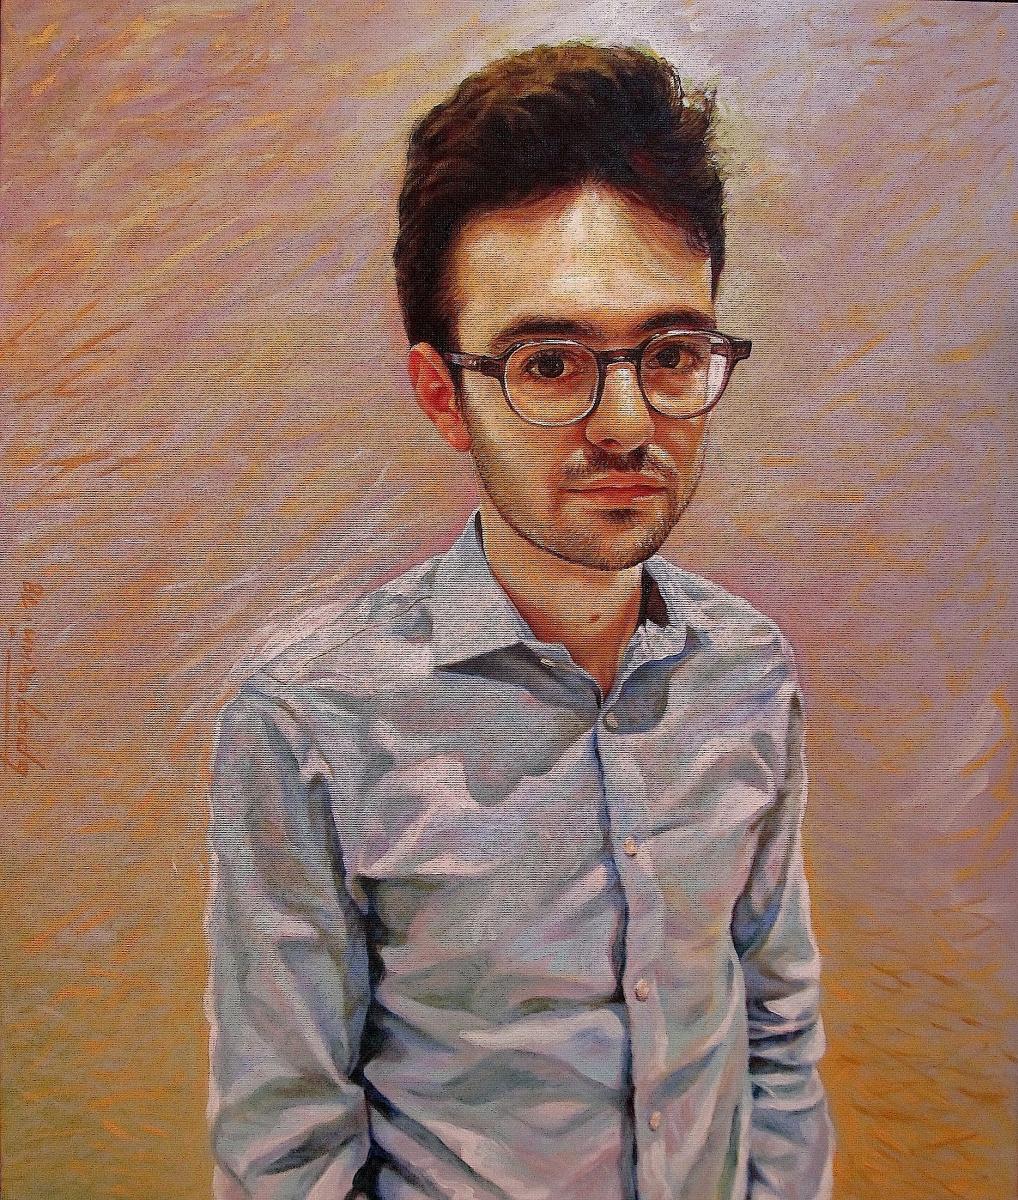 David Shikovich Brodsky. Wunderman